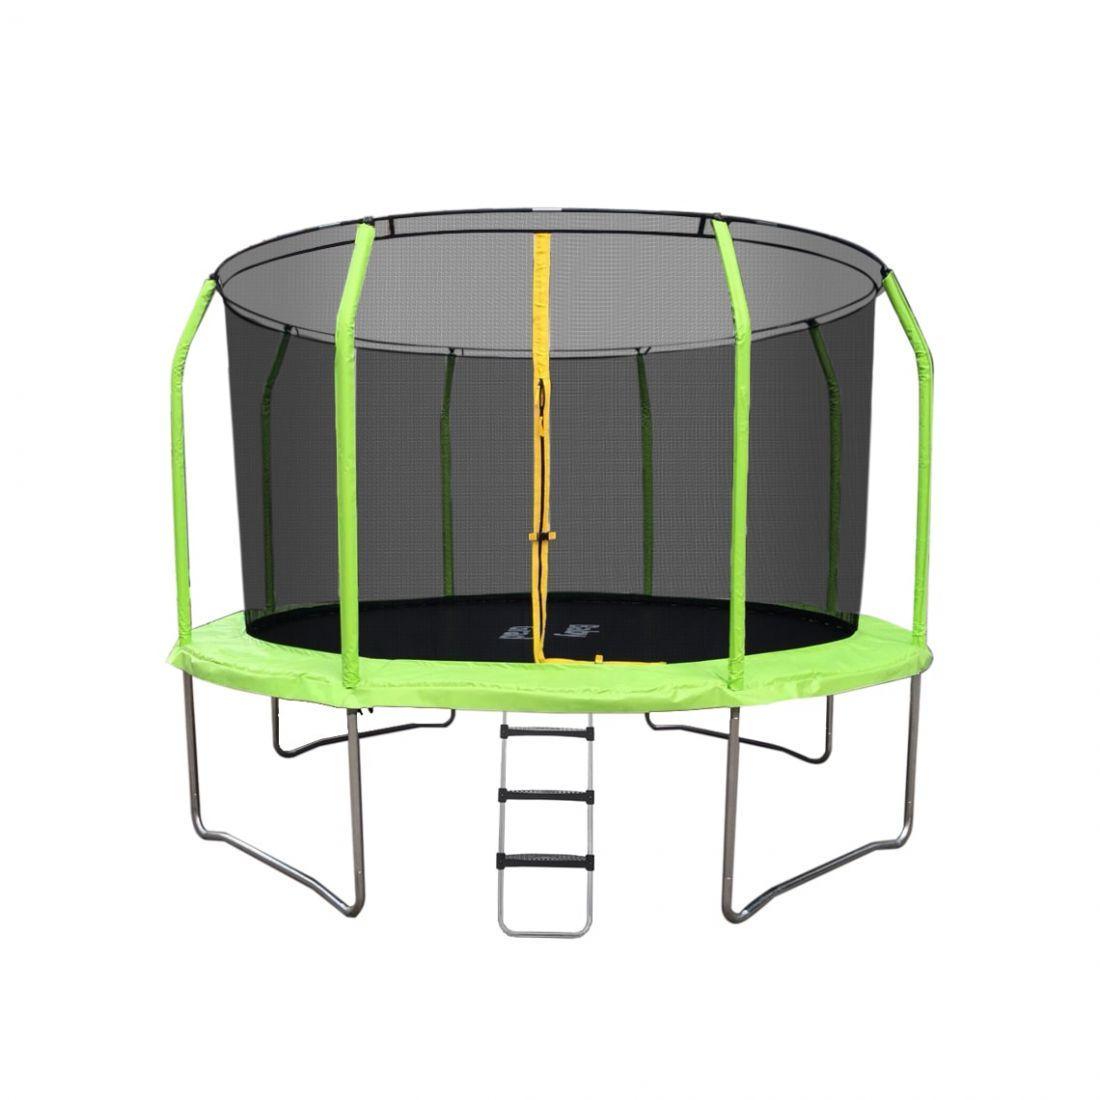 Батут с внутренней защитной сеткой - Baby Grad Космо 12ft( 3,65 метра), цвет зеленый